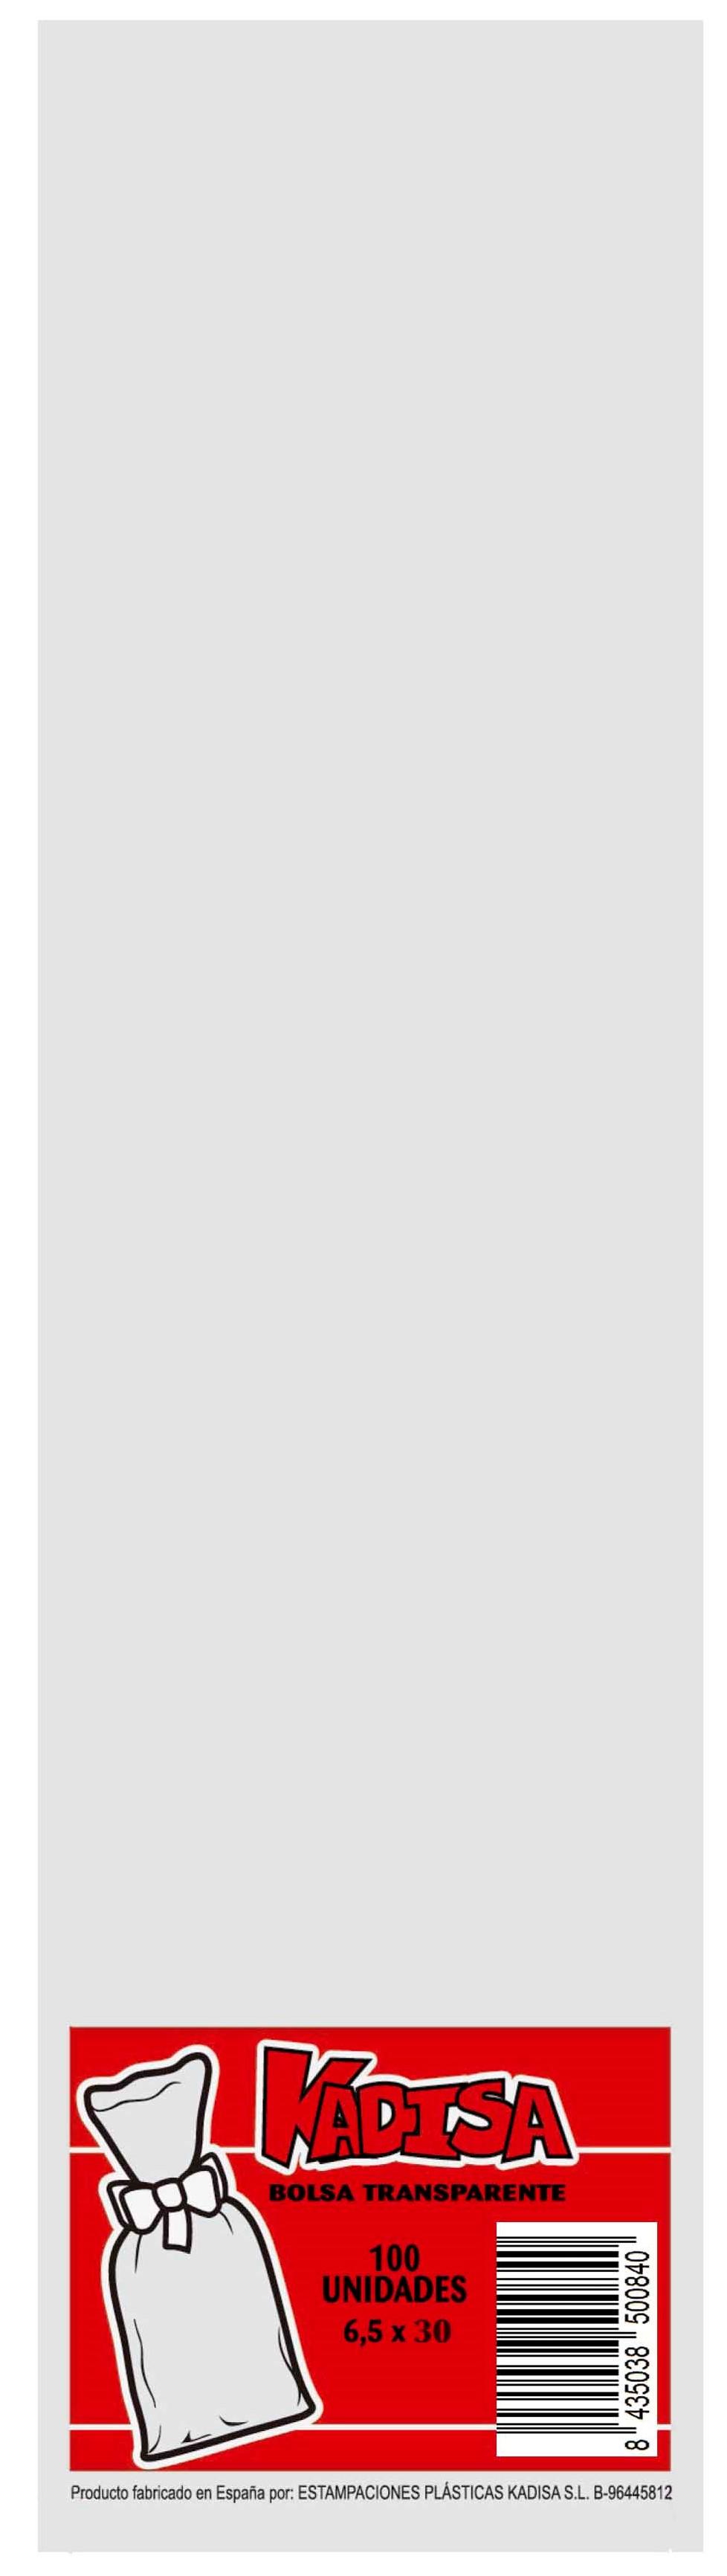 40745 Bolsa Cristal Transparente 6,5X30 Image